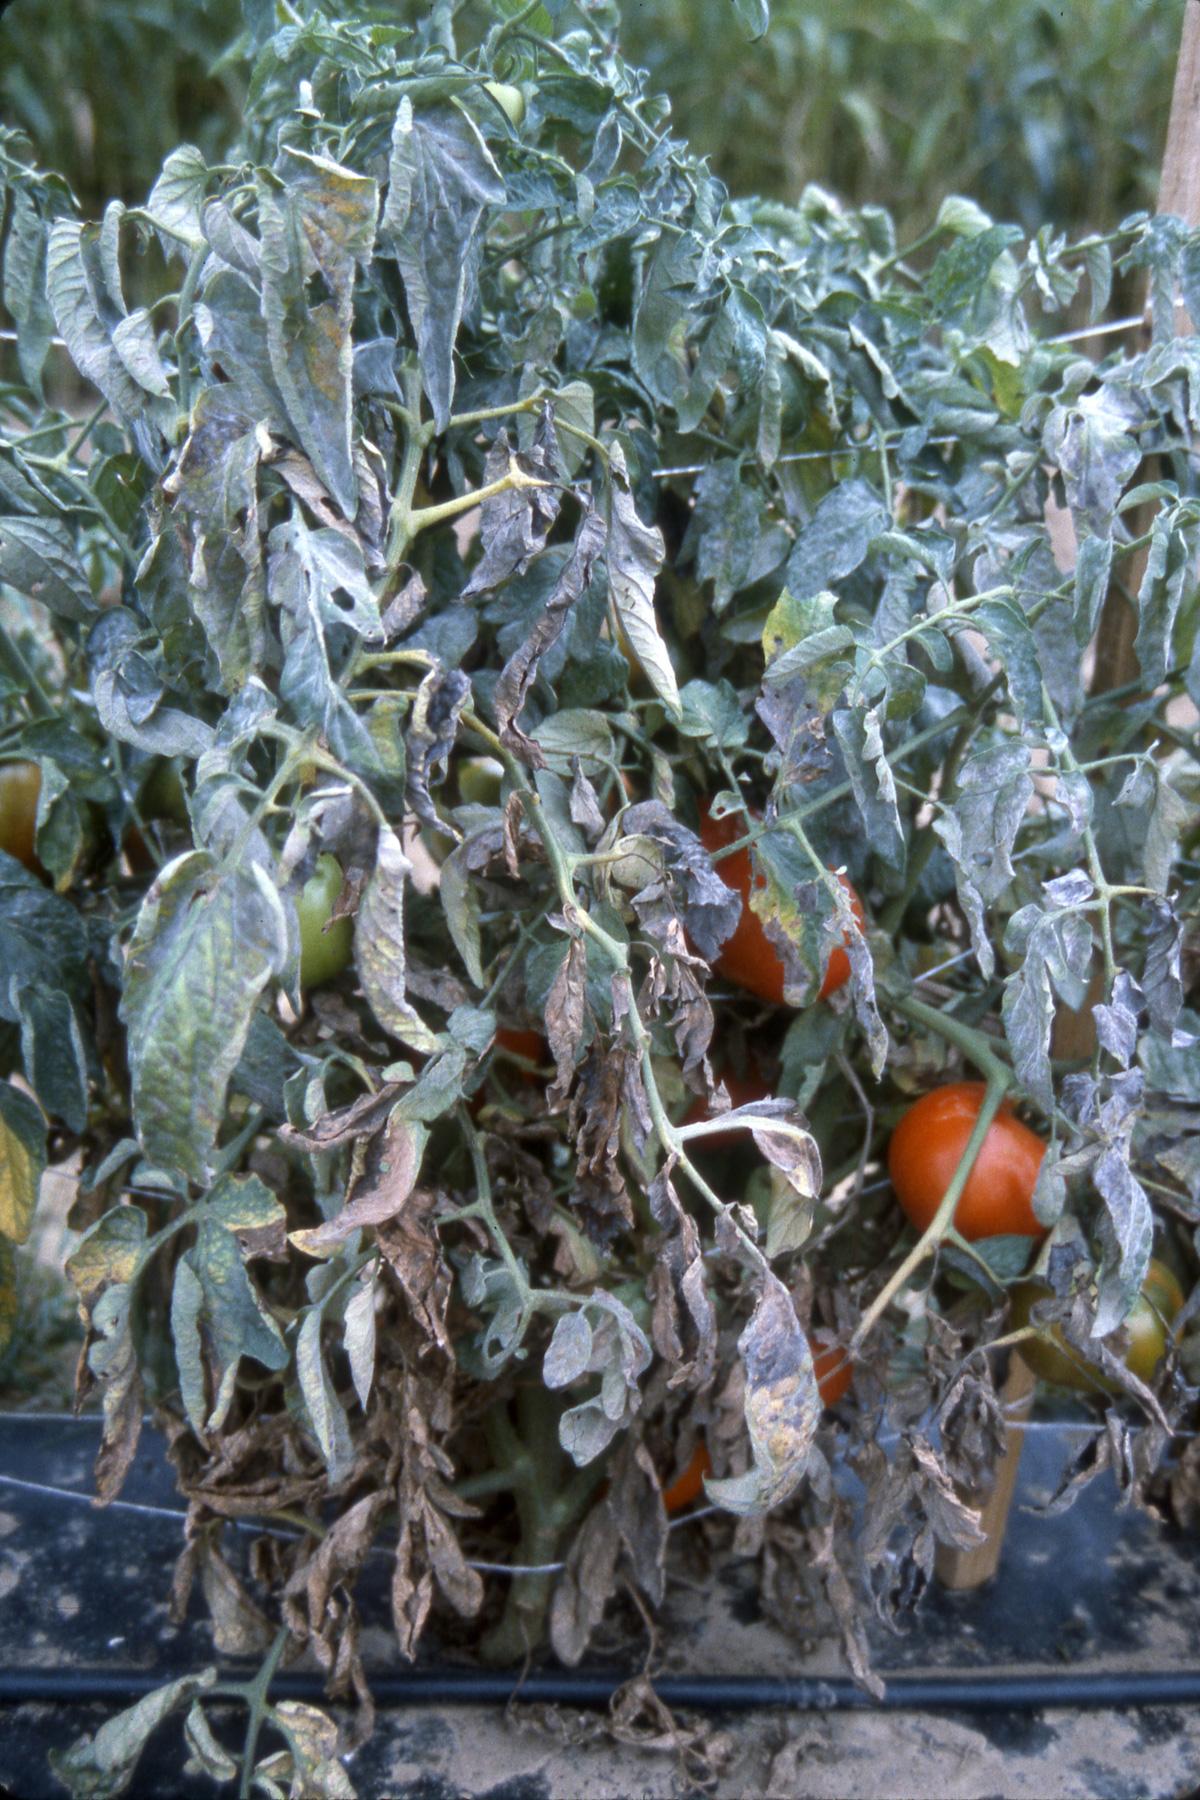 Powdery mildew on tomatoes